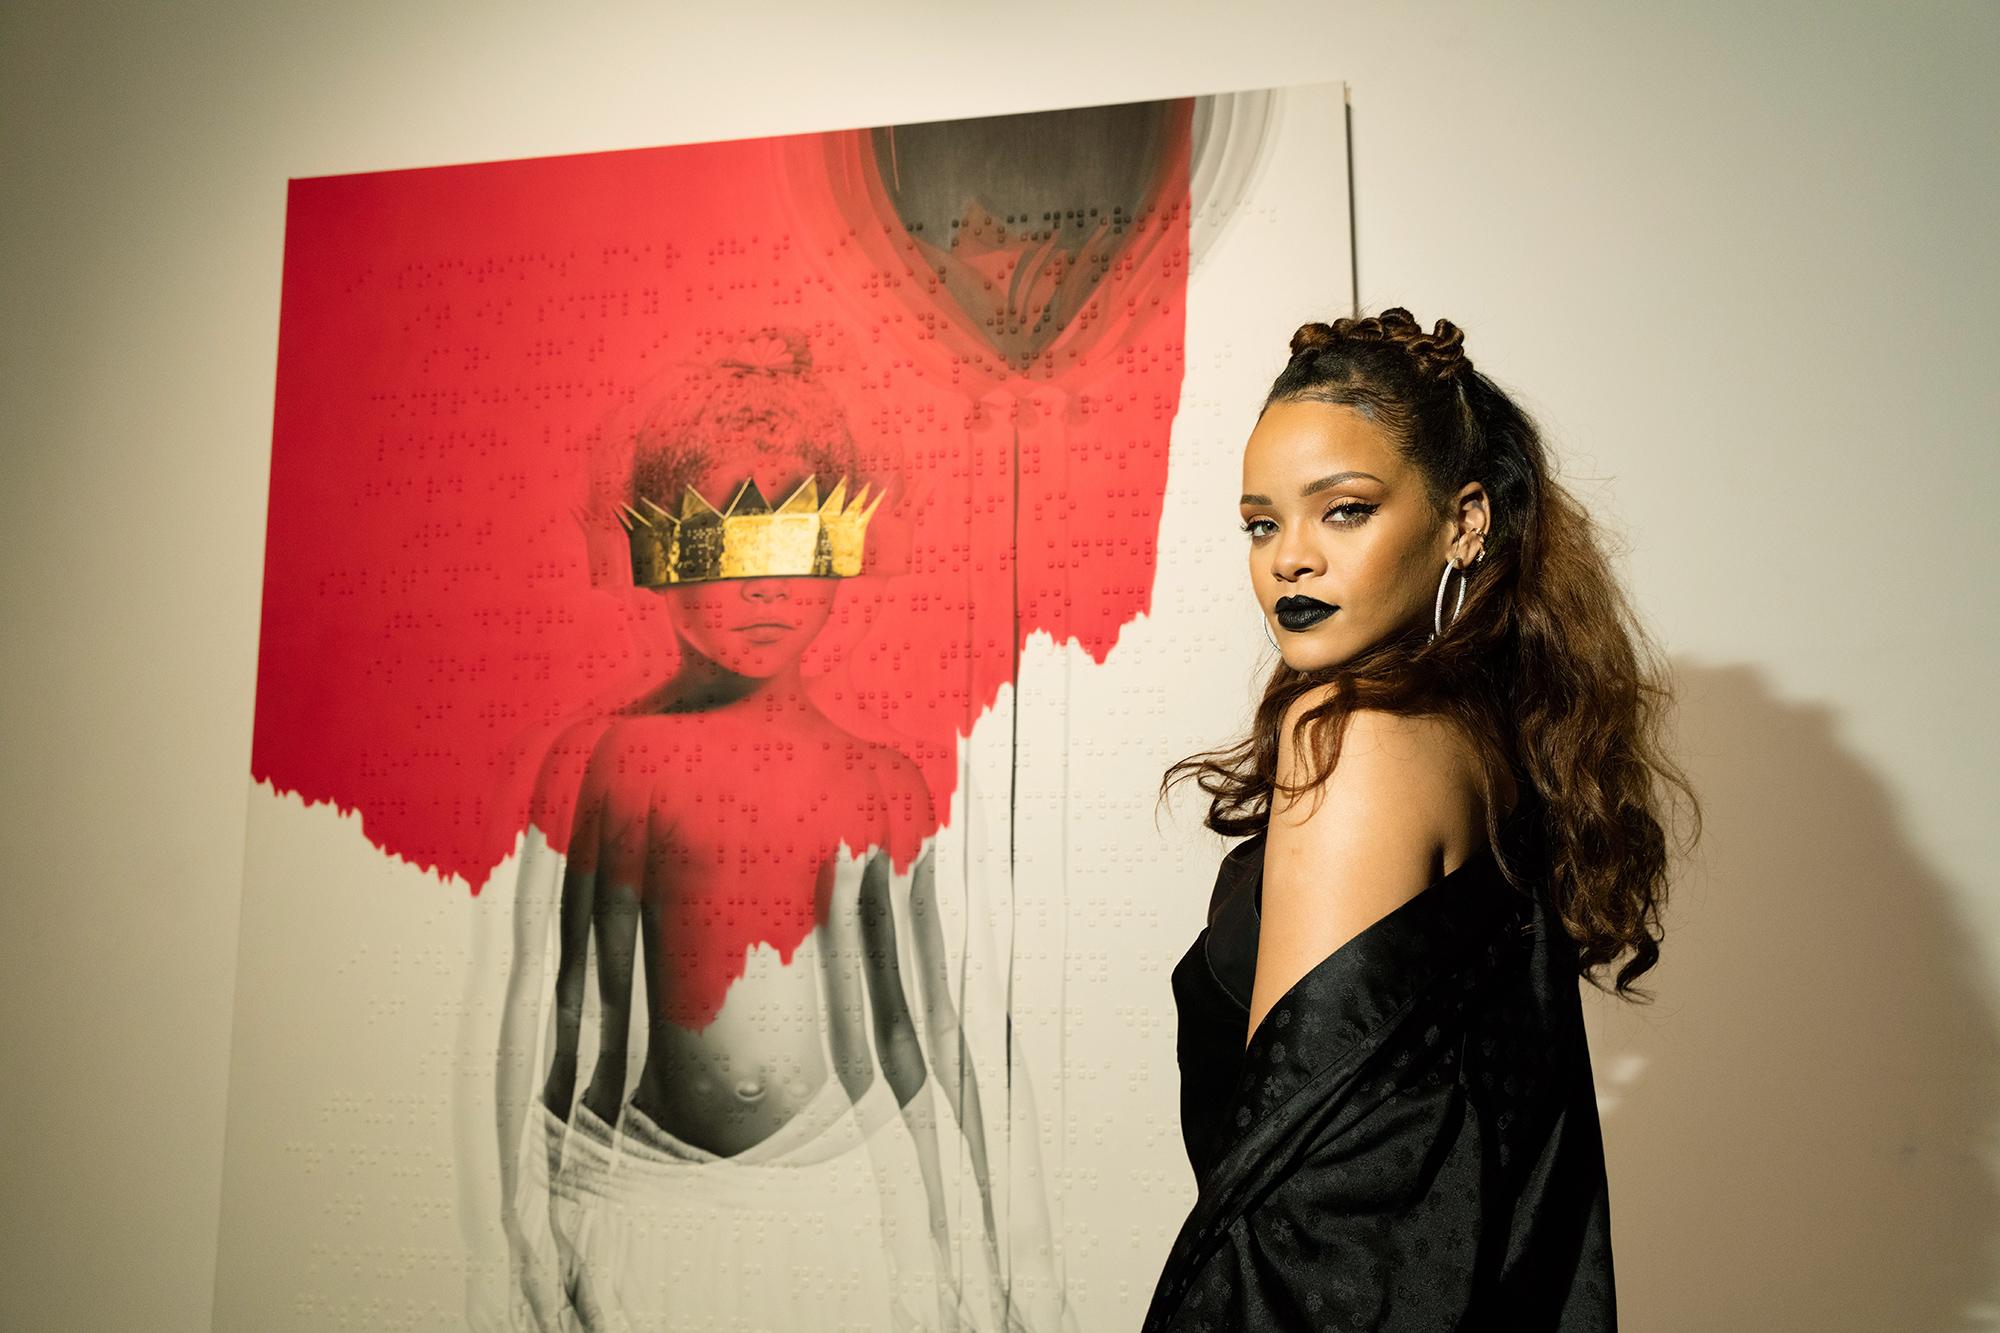 Journée de la femme : Rihanna, le portrait d'une femme au parcours inspirant